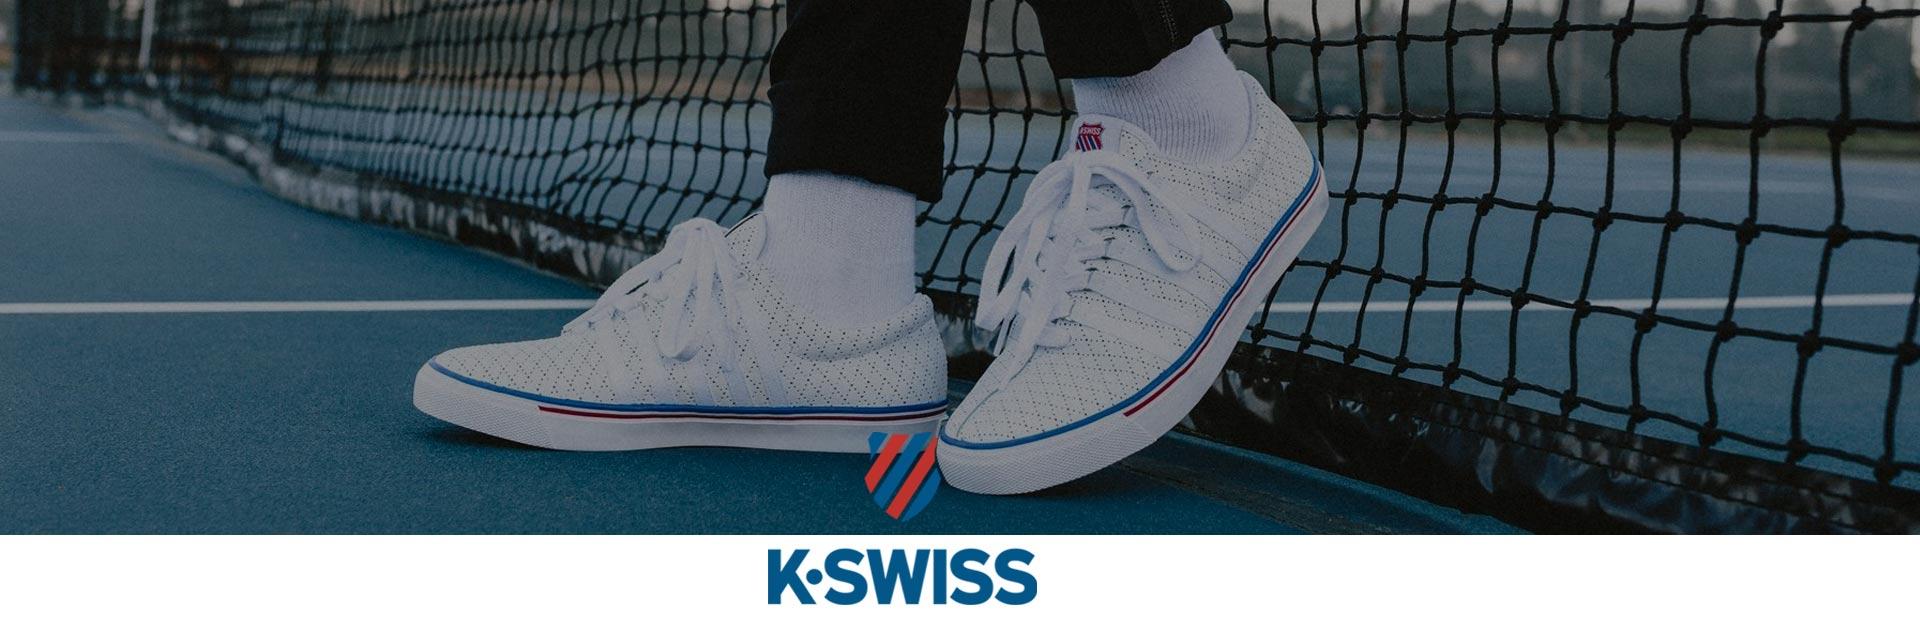 K Swiss 03 - کا سوئیس